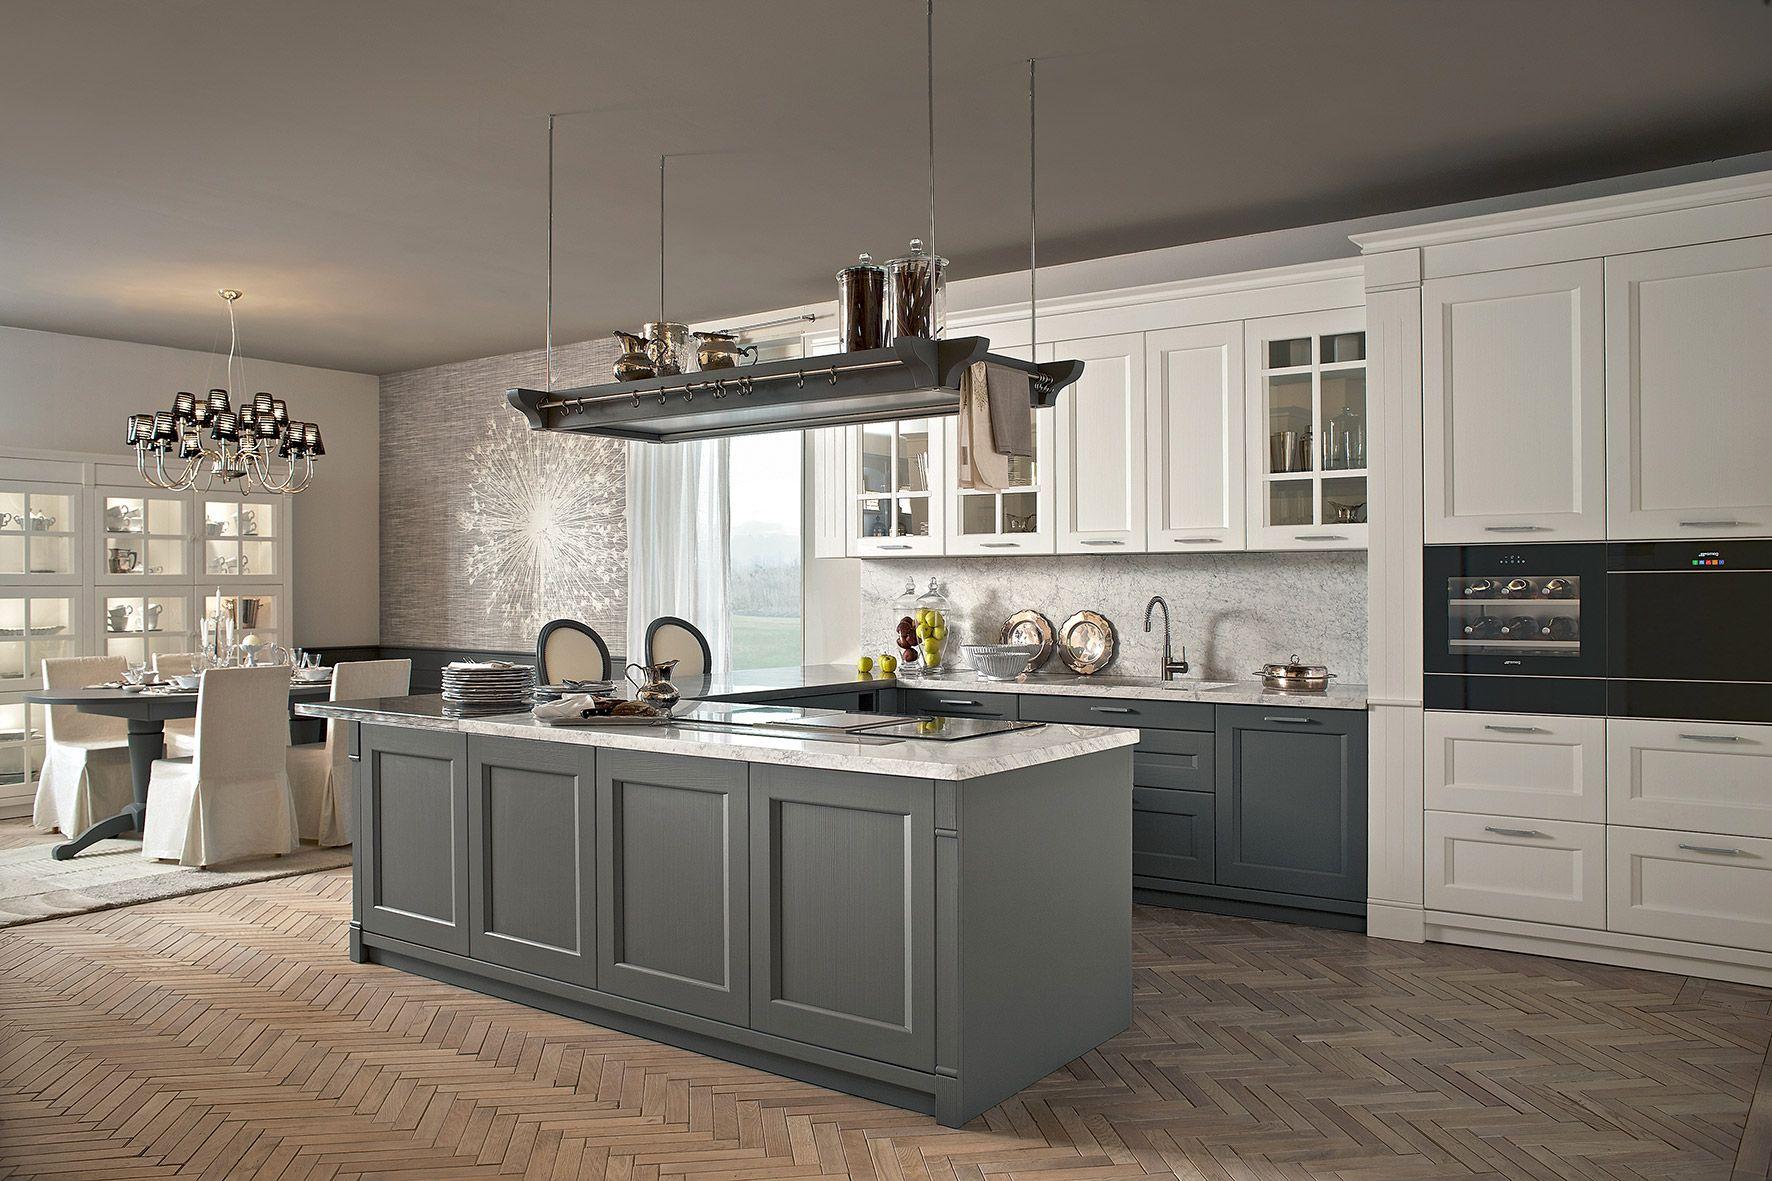 Minacciolo Mobili ~ Minacciolo #kitchen #classic #luxury #cucina #classica #elegant